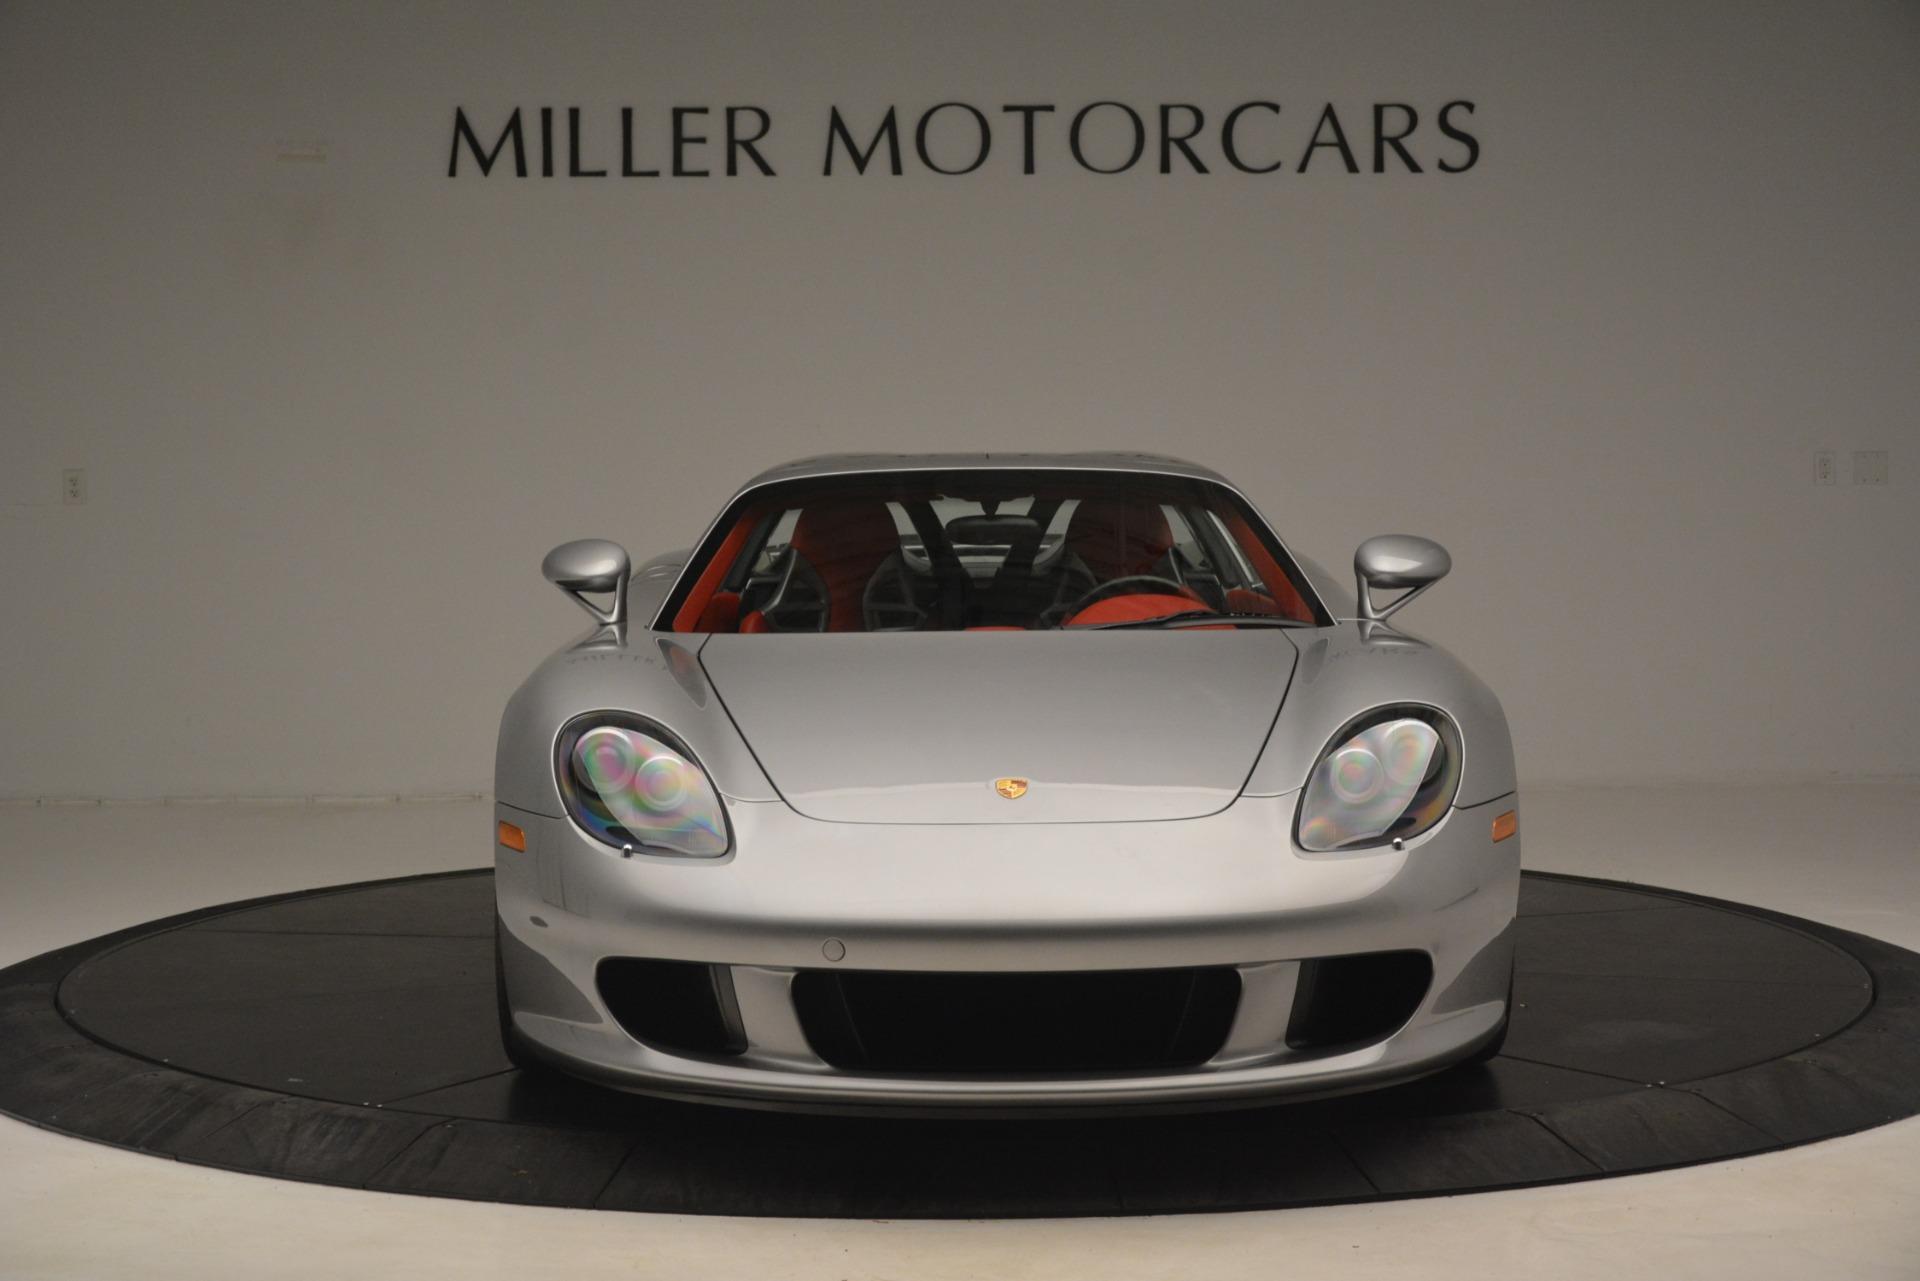 Used 2005 Porsche Carrera GT  For Sale In Westport, CT 3161_p14